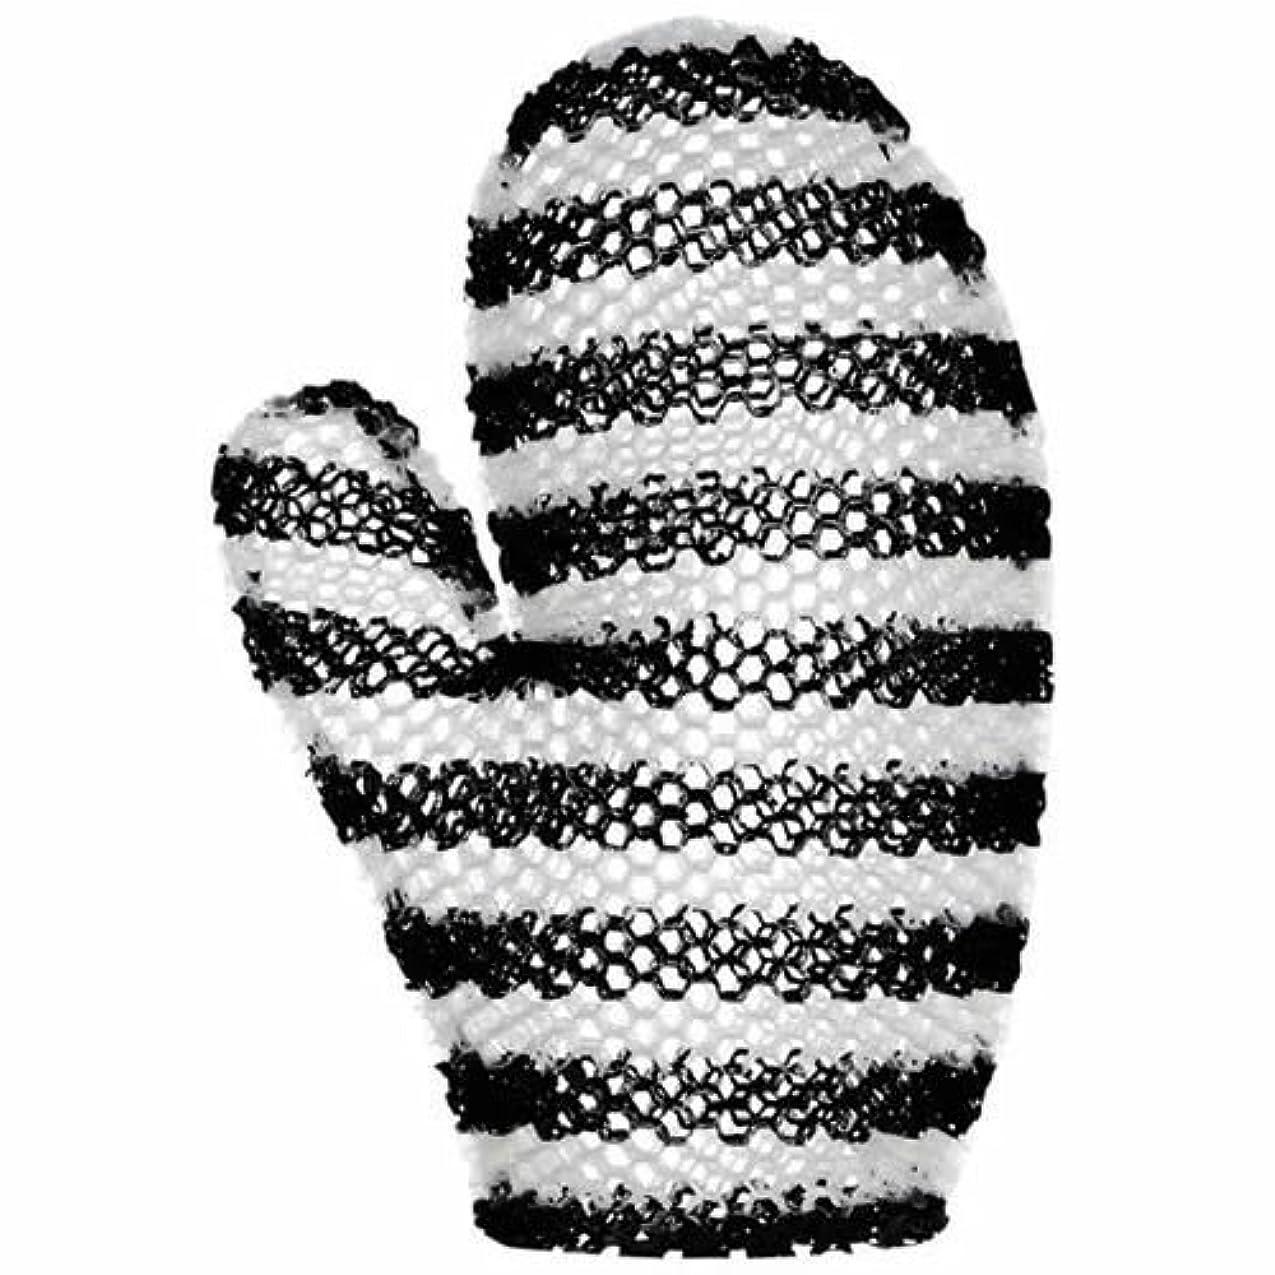 心のこもった一人で展開するスプラコール ハニカム(ミット) ブラック&ホワイト